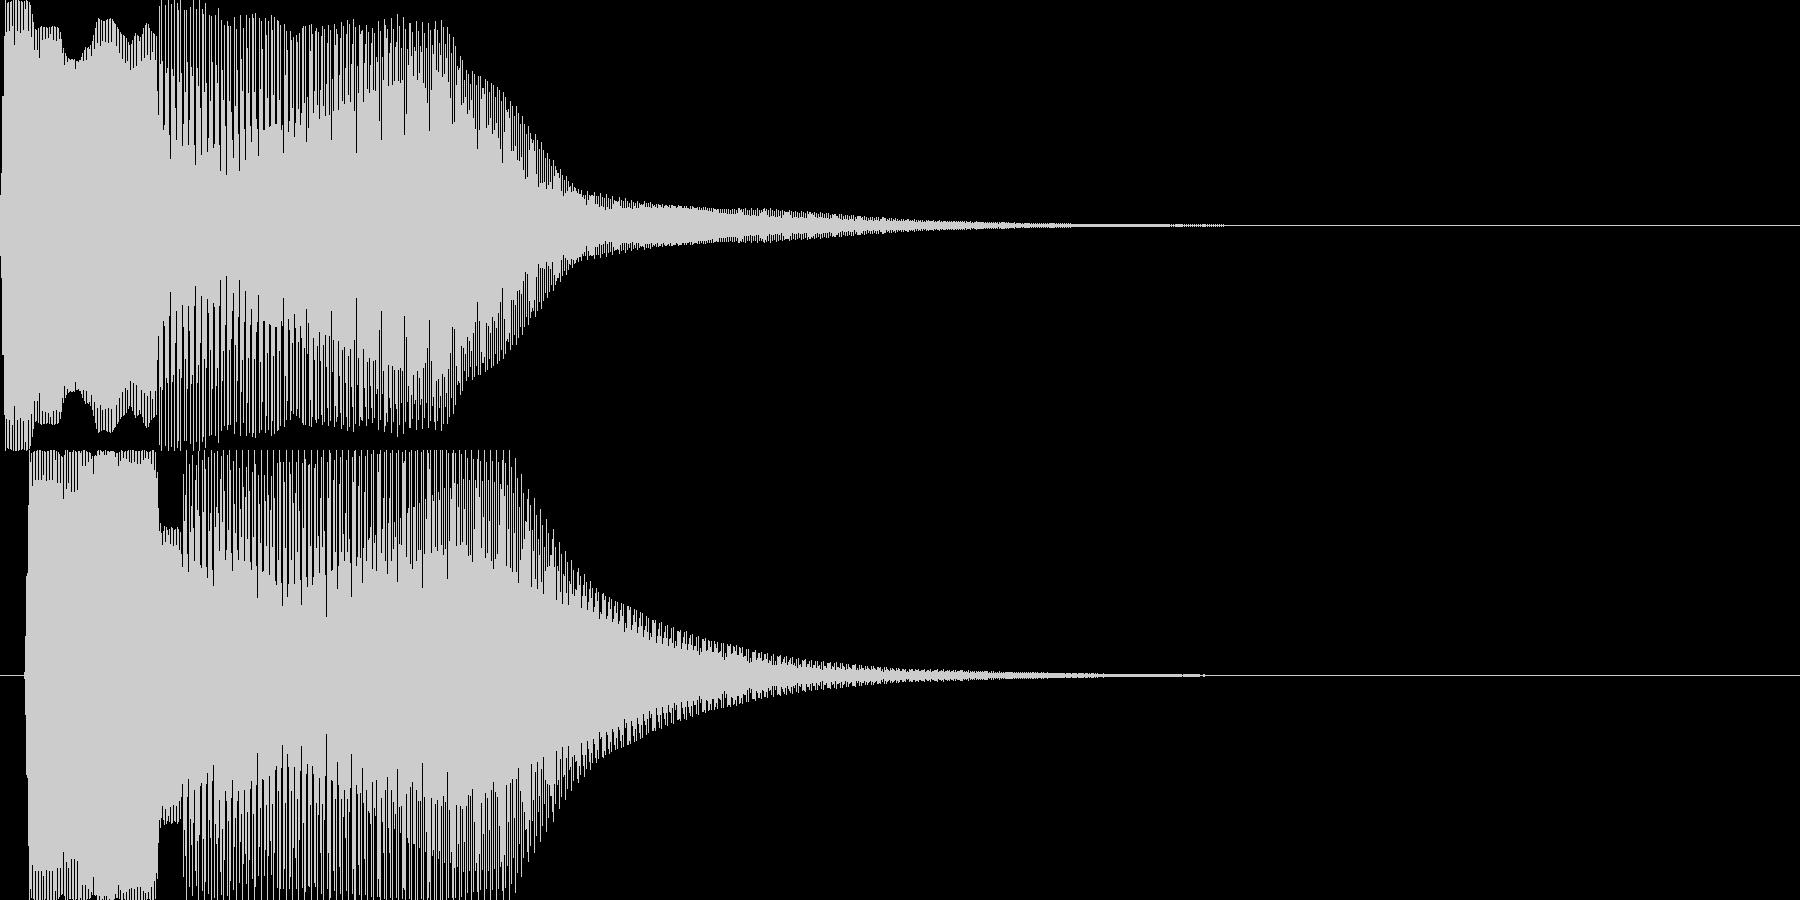 汎用キャンセルボタン - 3の未再生の波形